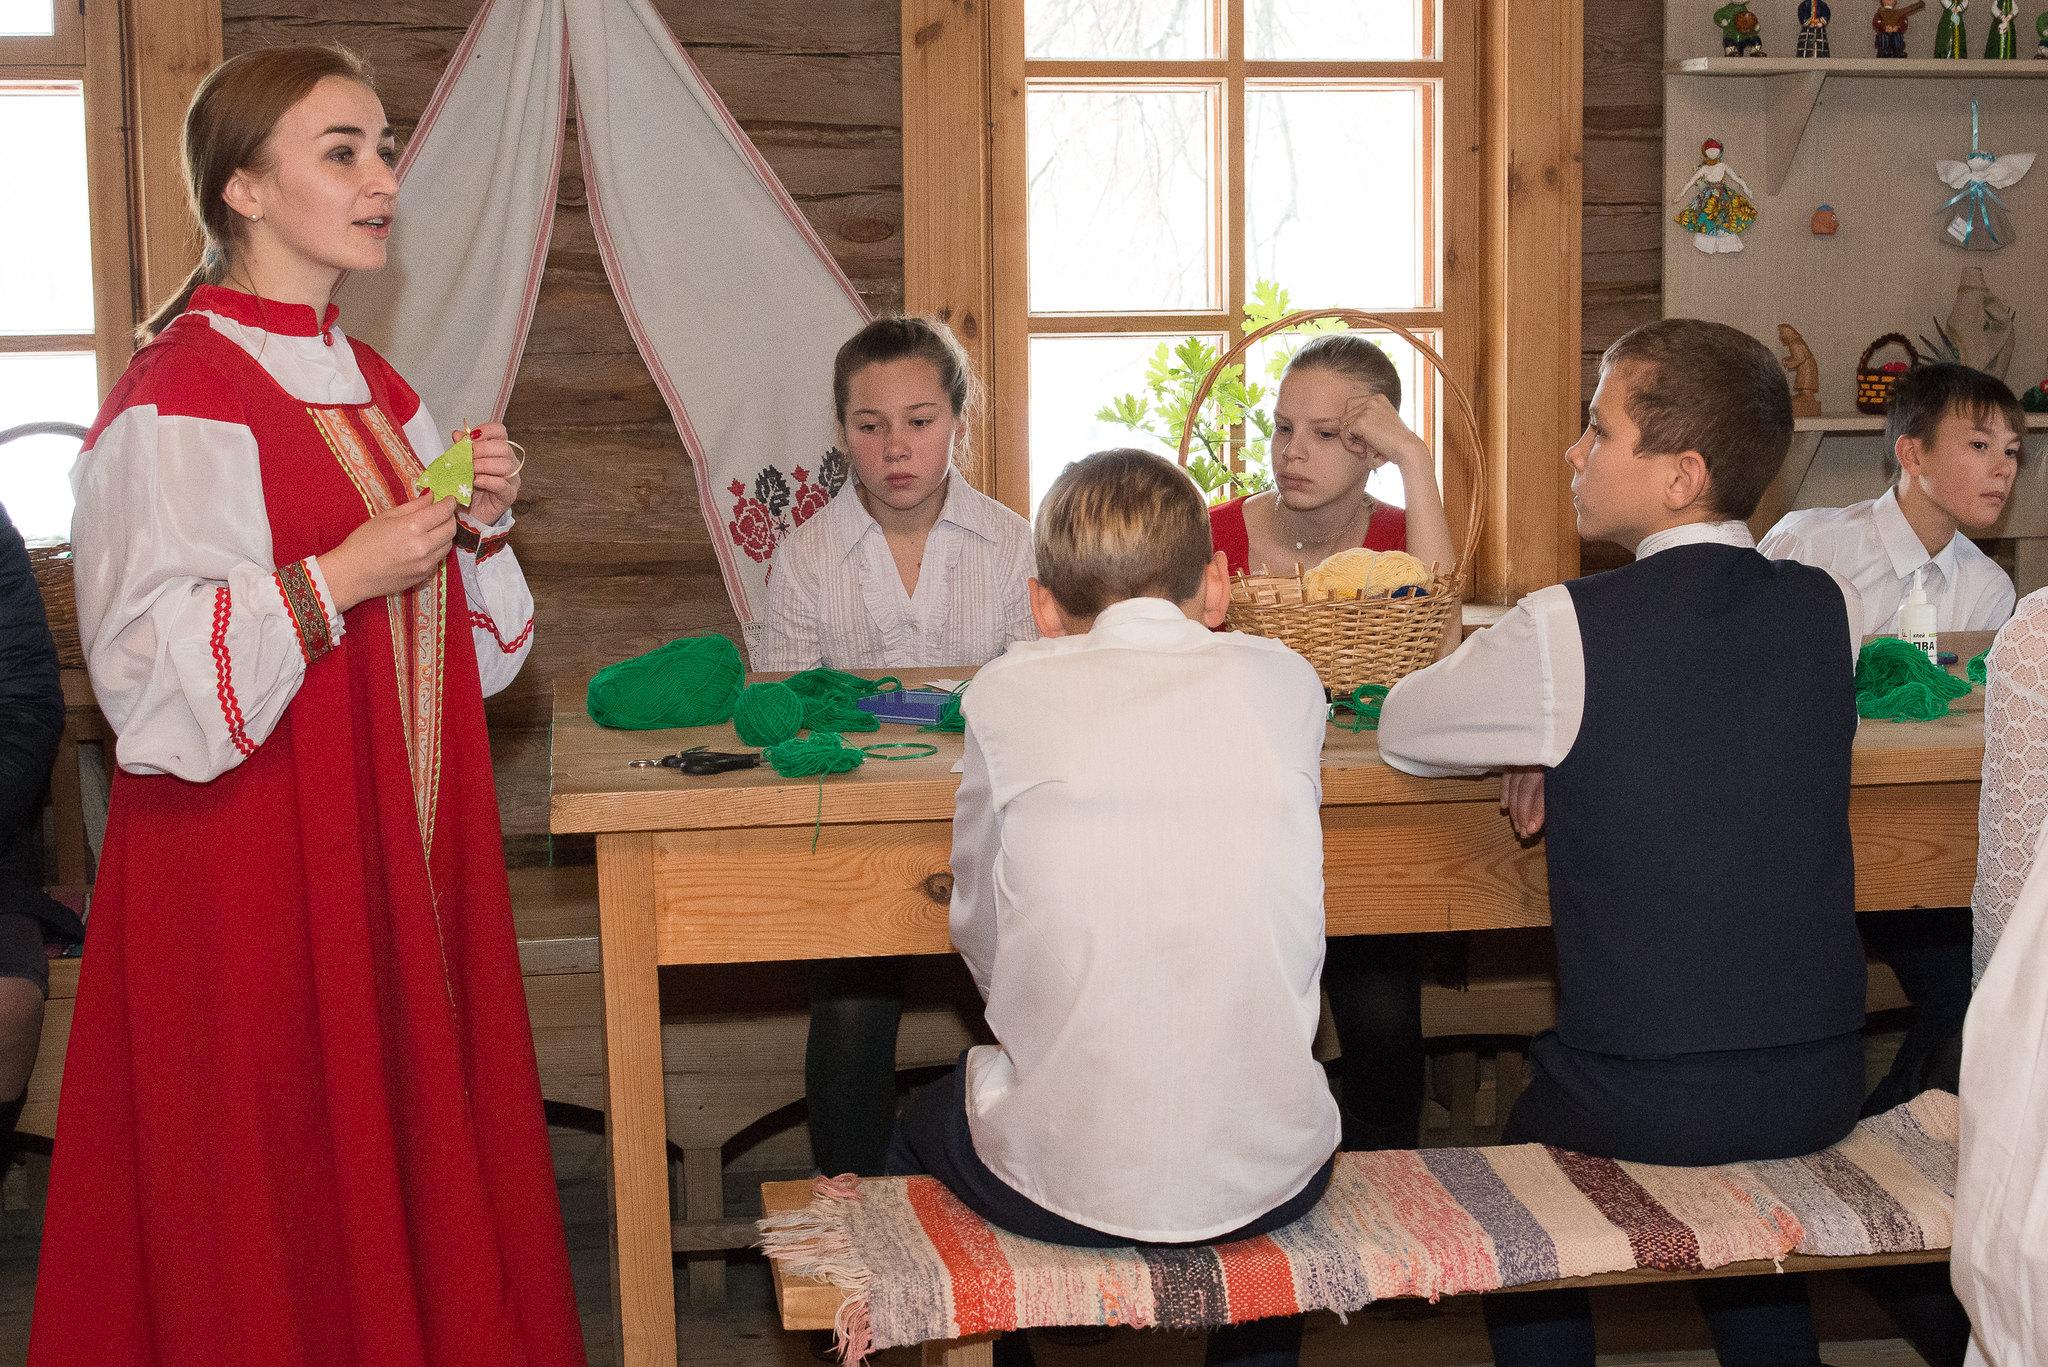 Мастер-класс с детьми по изготовлению елочных игрушек в музее «Тарханы» в рамках акции «Музей для всех!»